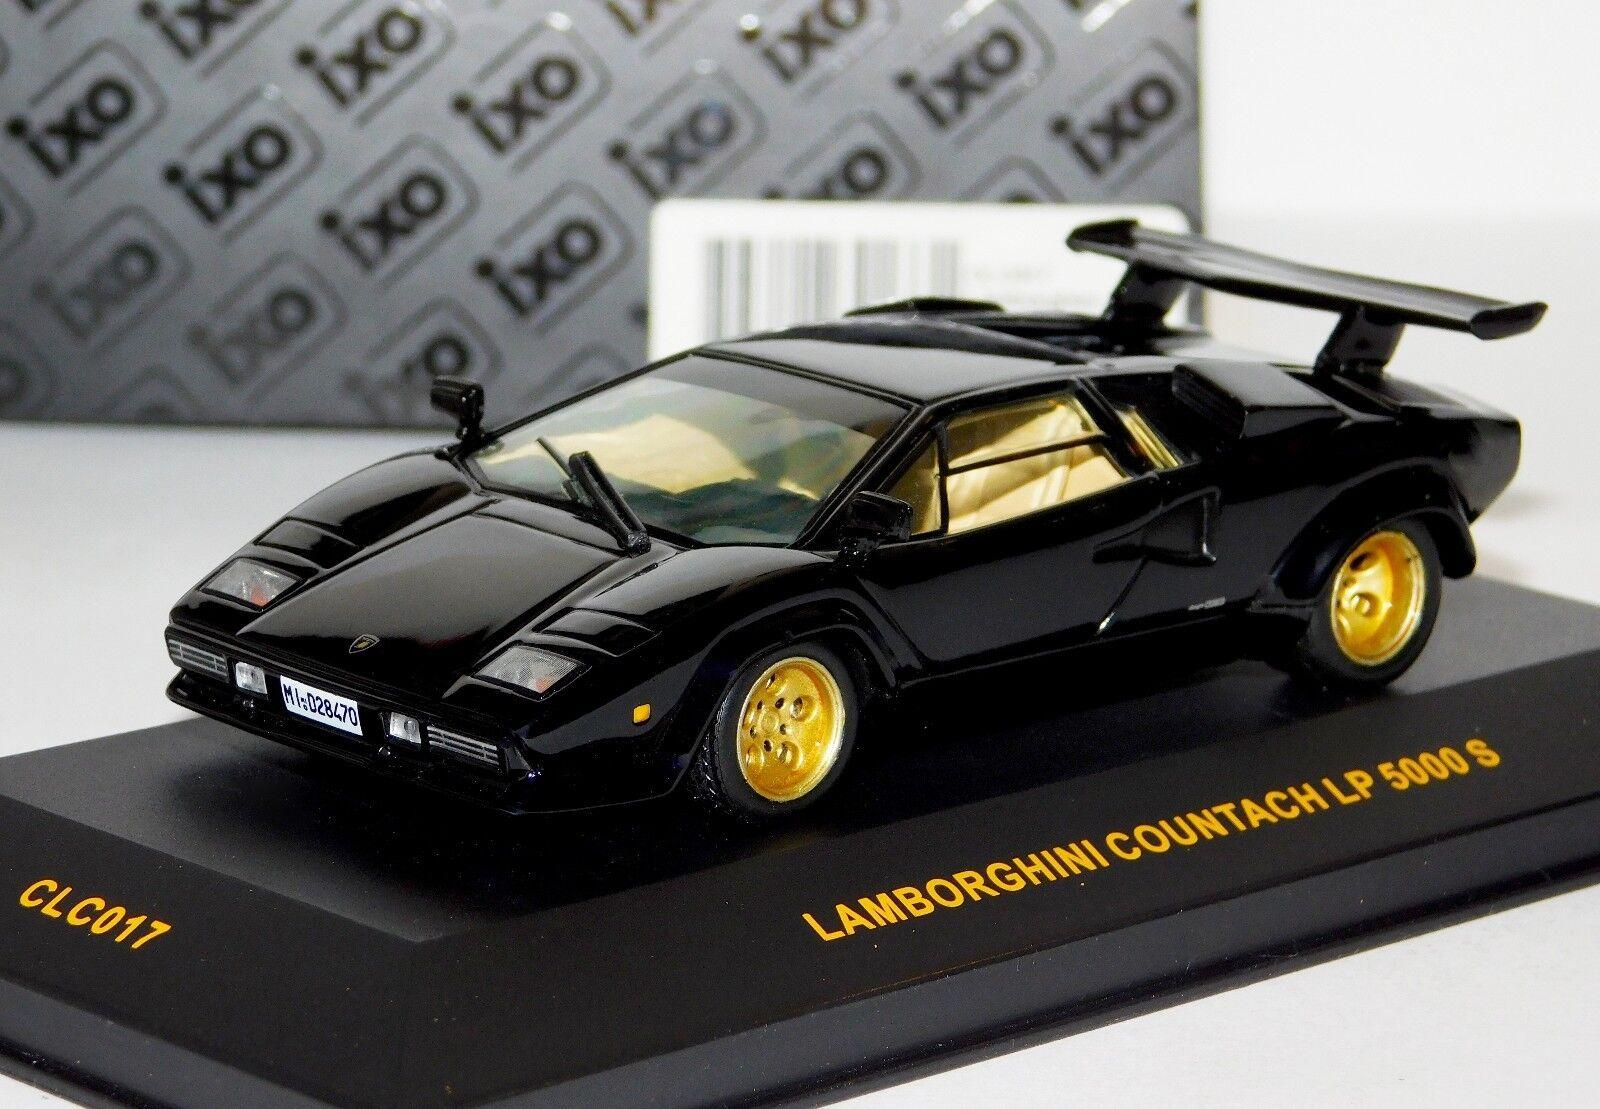 1 43 Ixo Model Lamborghini Countach Lp 5000 S Black Clc017 For Sale